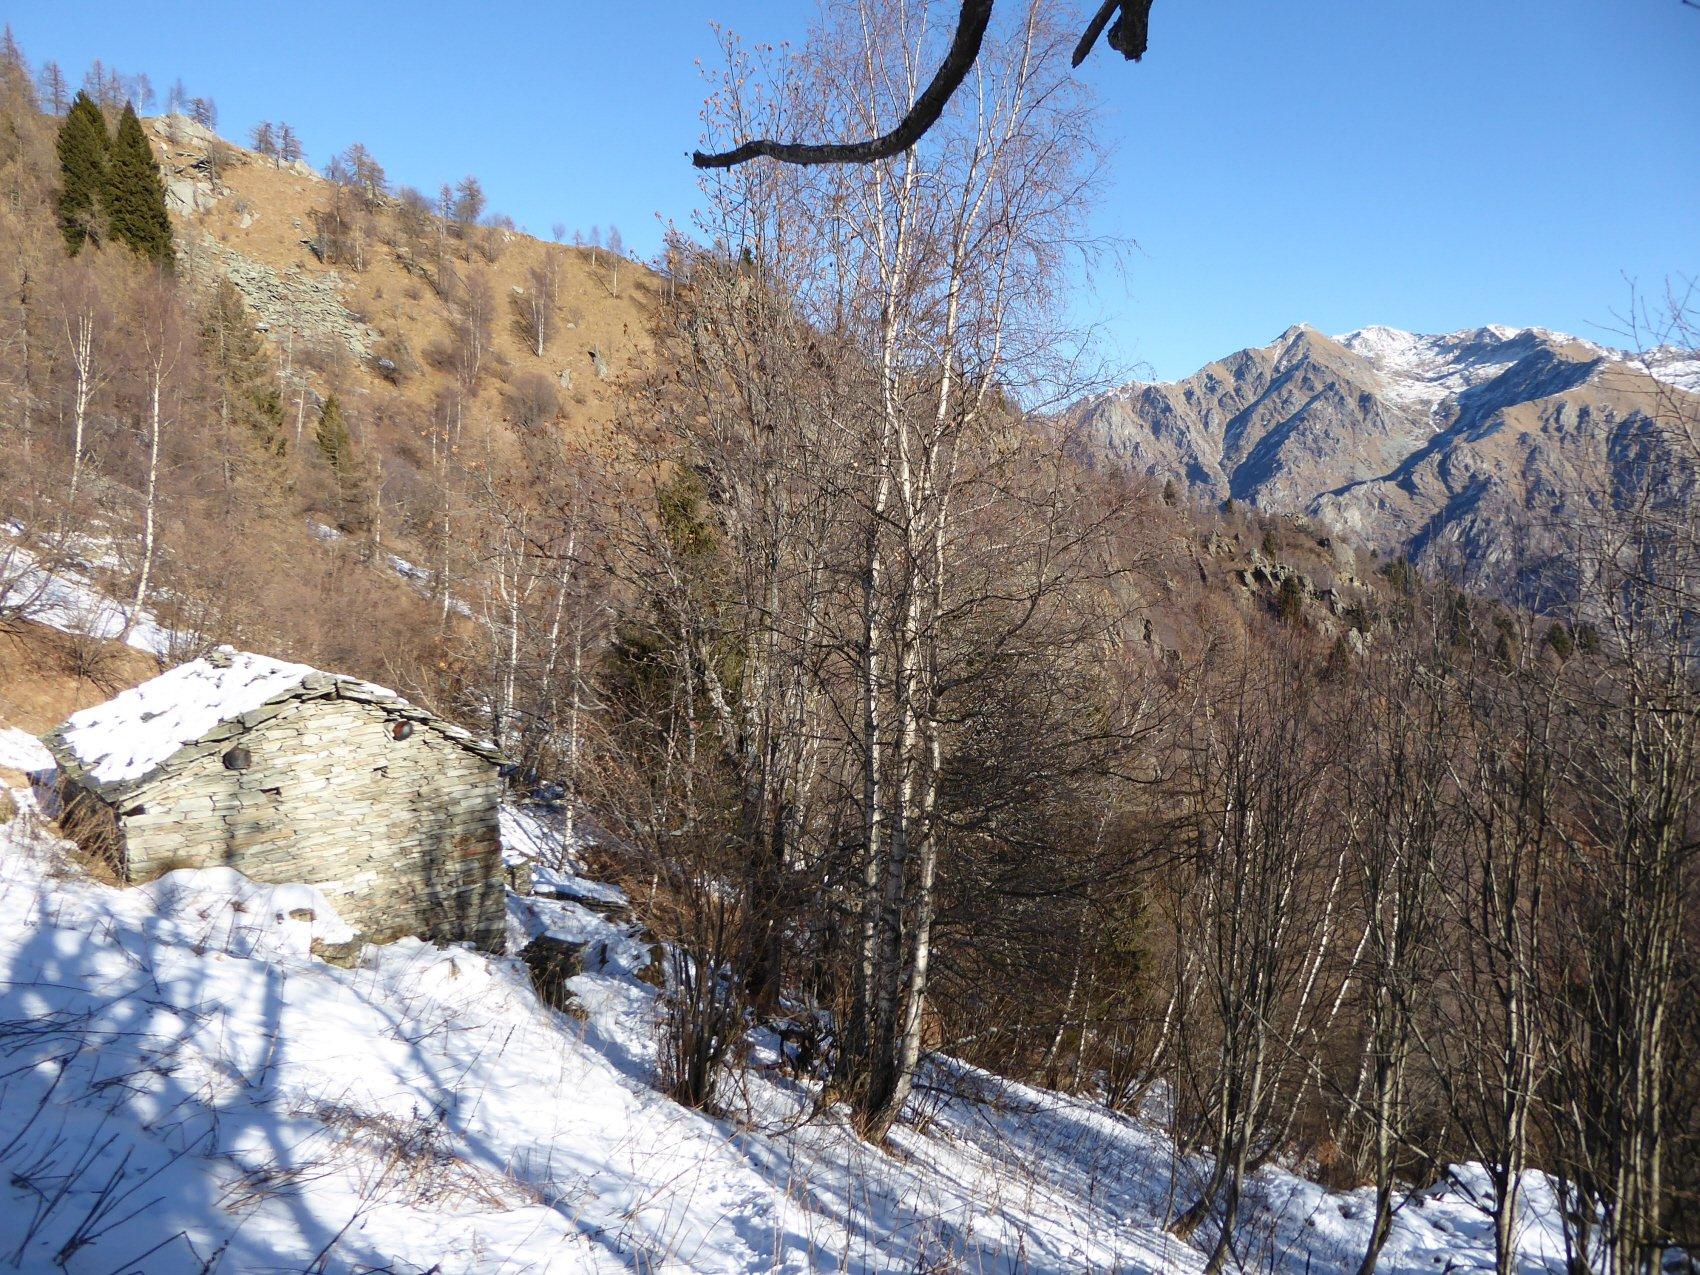 Monte Serena e Vallone di Canaussa dall'Alpe Quota 1542m